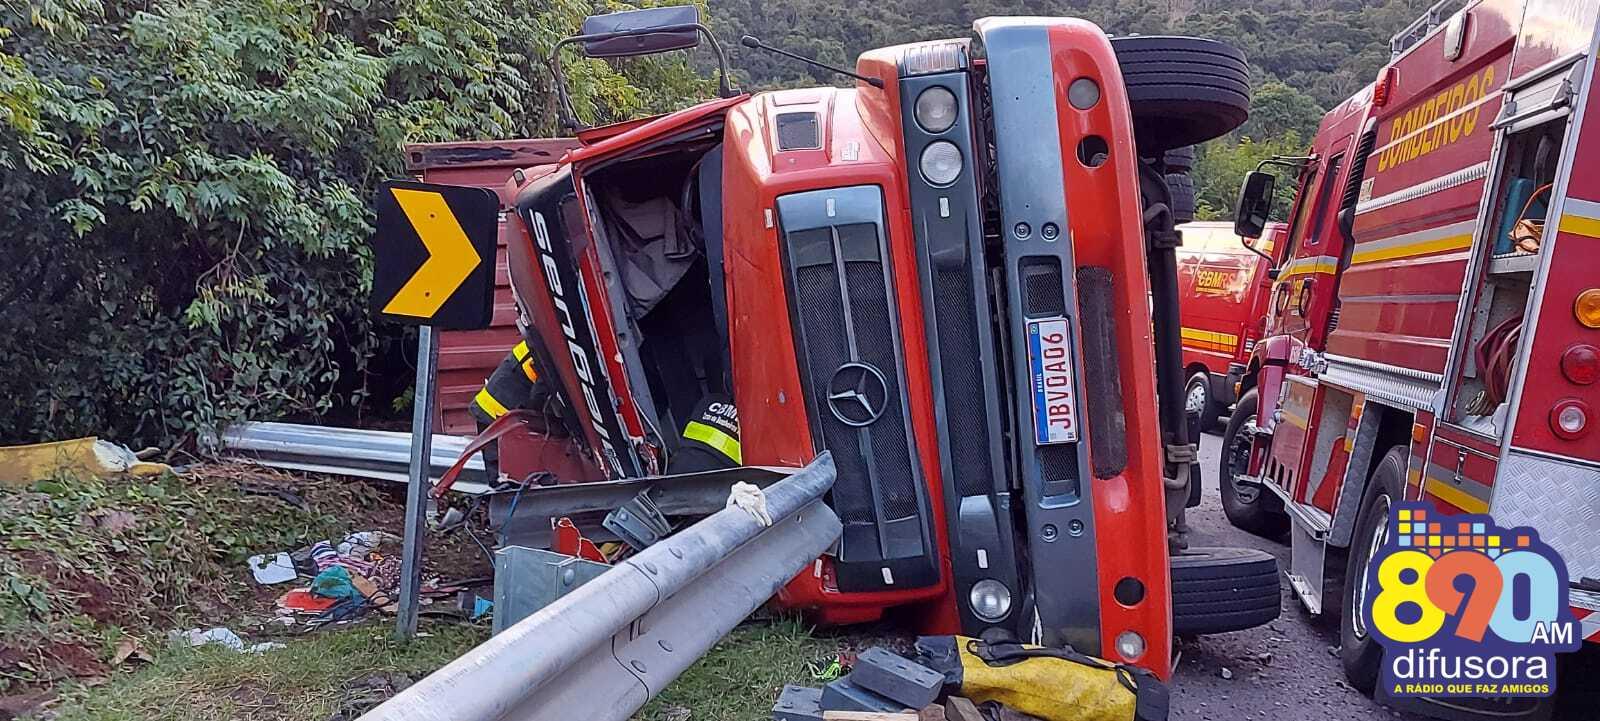 Homem fica ferido após tombar caminhão na BR-470, em Bento